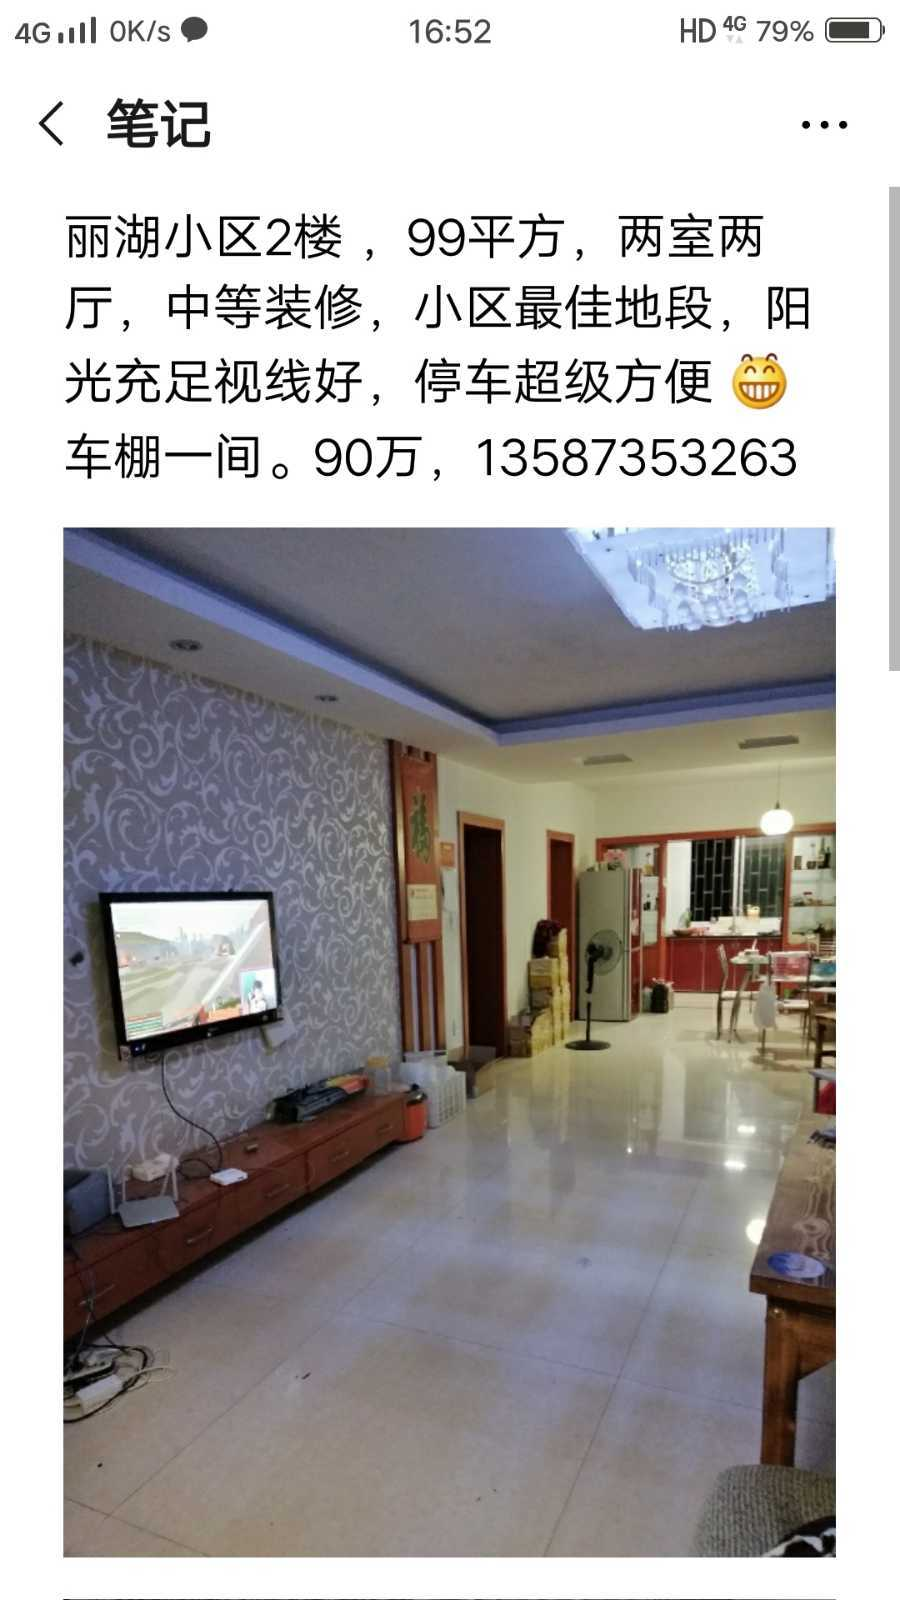 麗湖小區2樓 ,99平方,兩室兩廳,中等裝修,小區最佳地段,陽光充足視線好,停車超級方便 [呲牙]車棚一間。90萬,13587353263的實拍照片